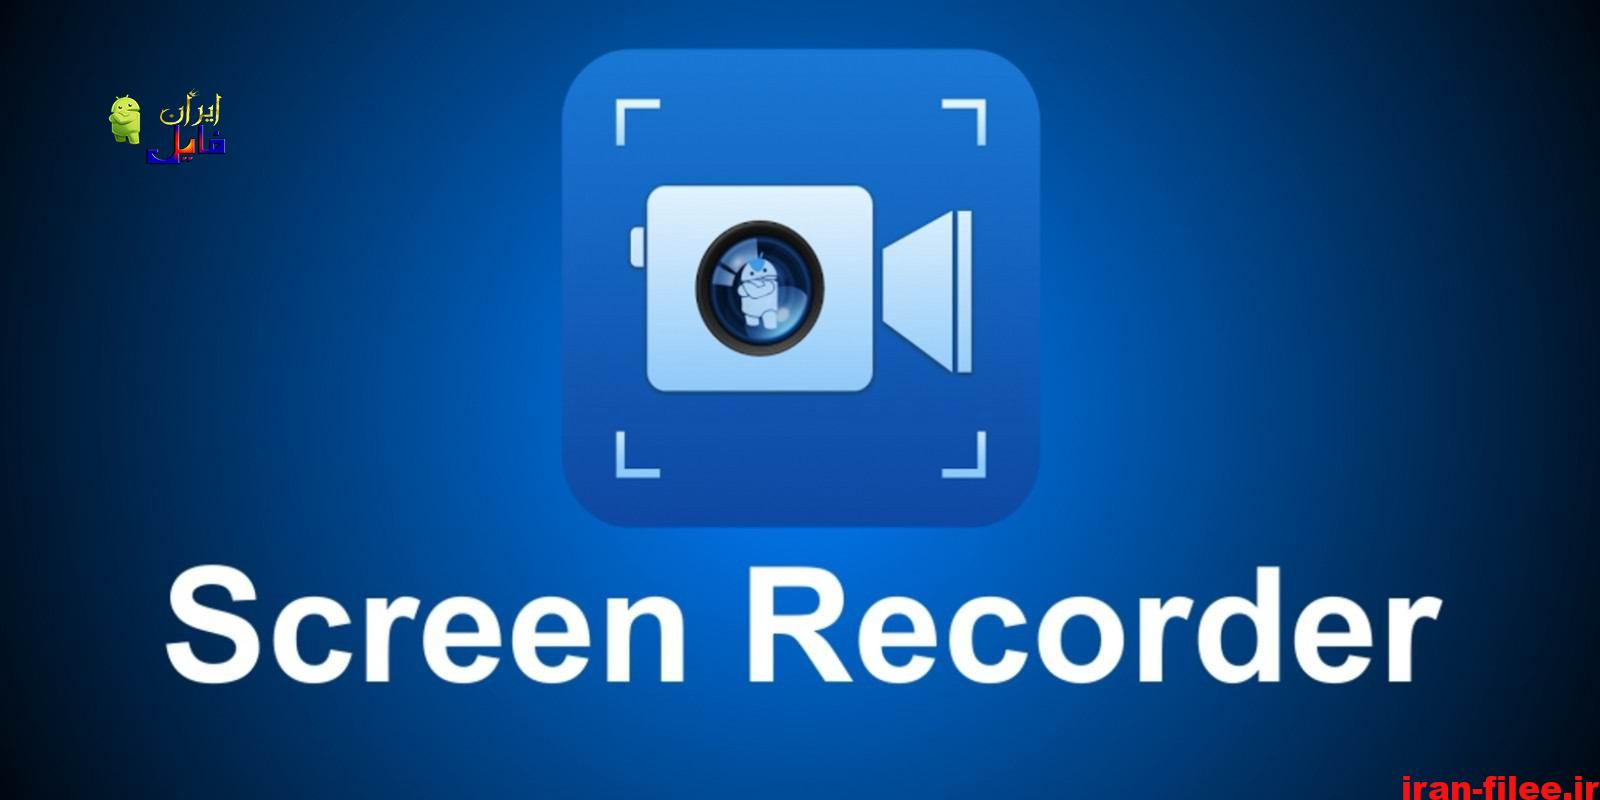 دانلود برنامه فیلم برداری از صفحه گوشی Screen Recorder اندروید